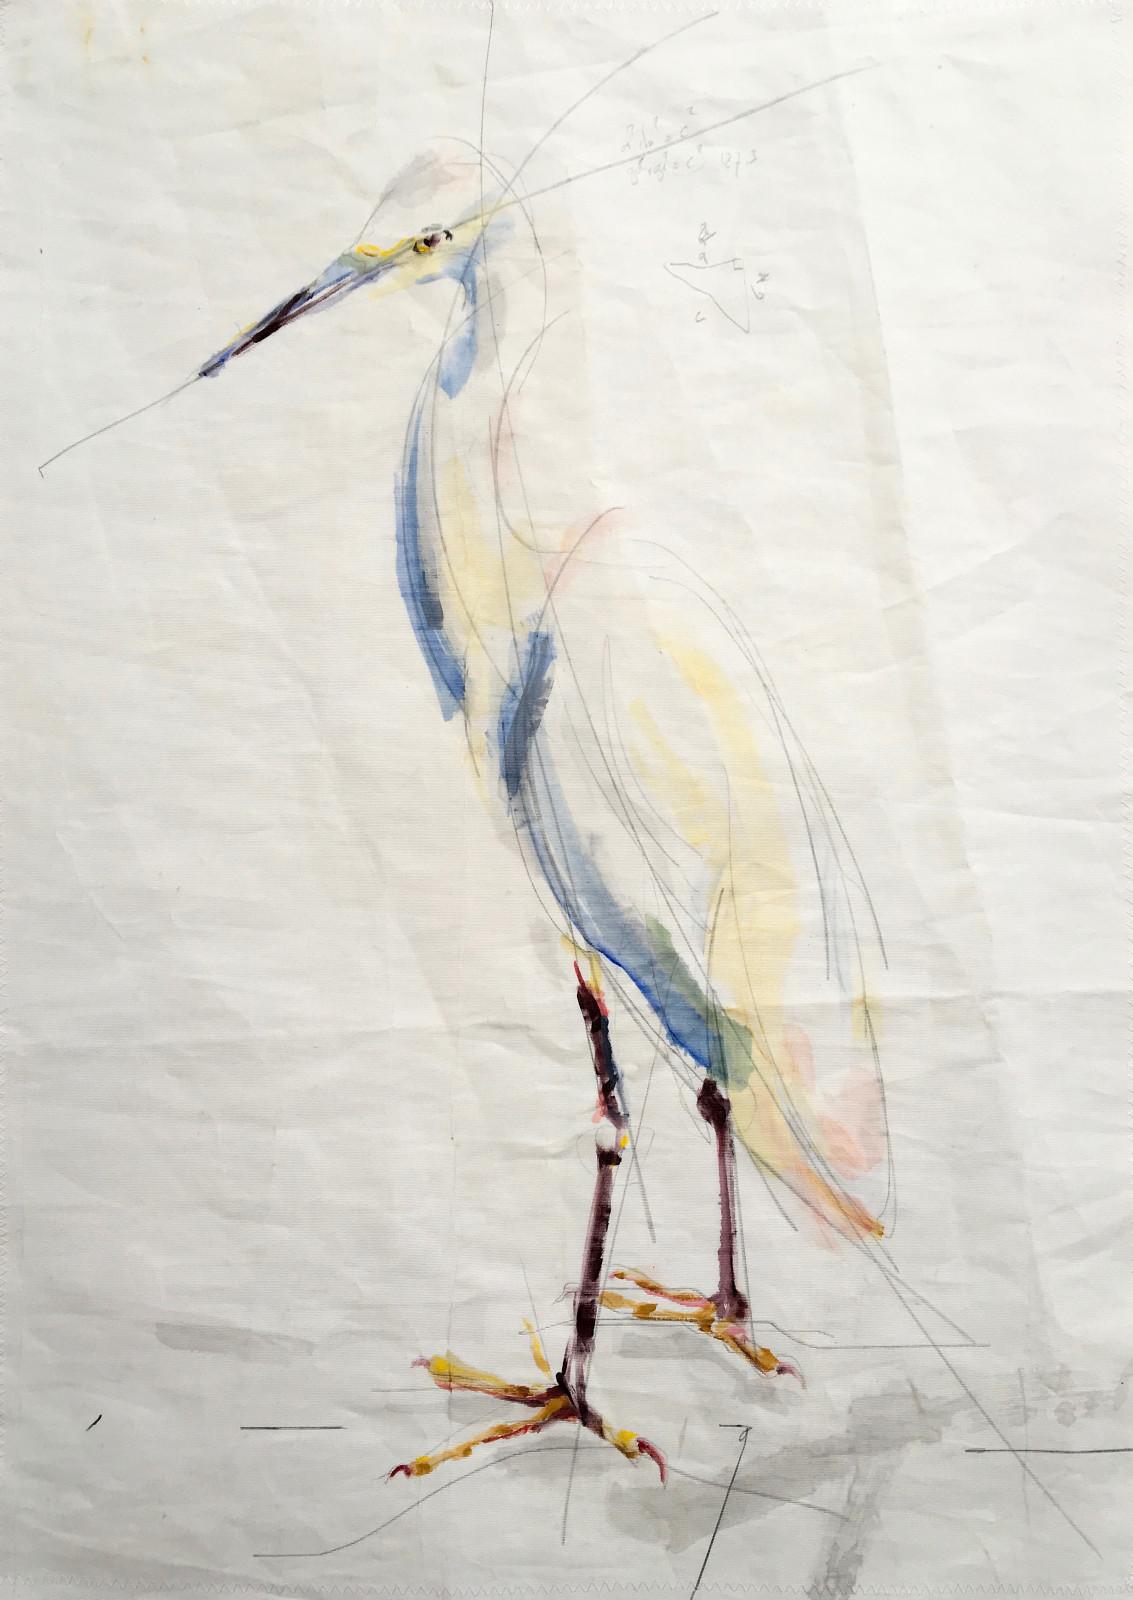 White Egret on Sail